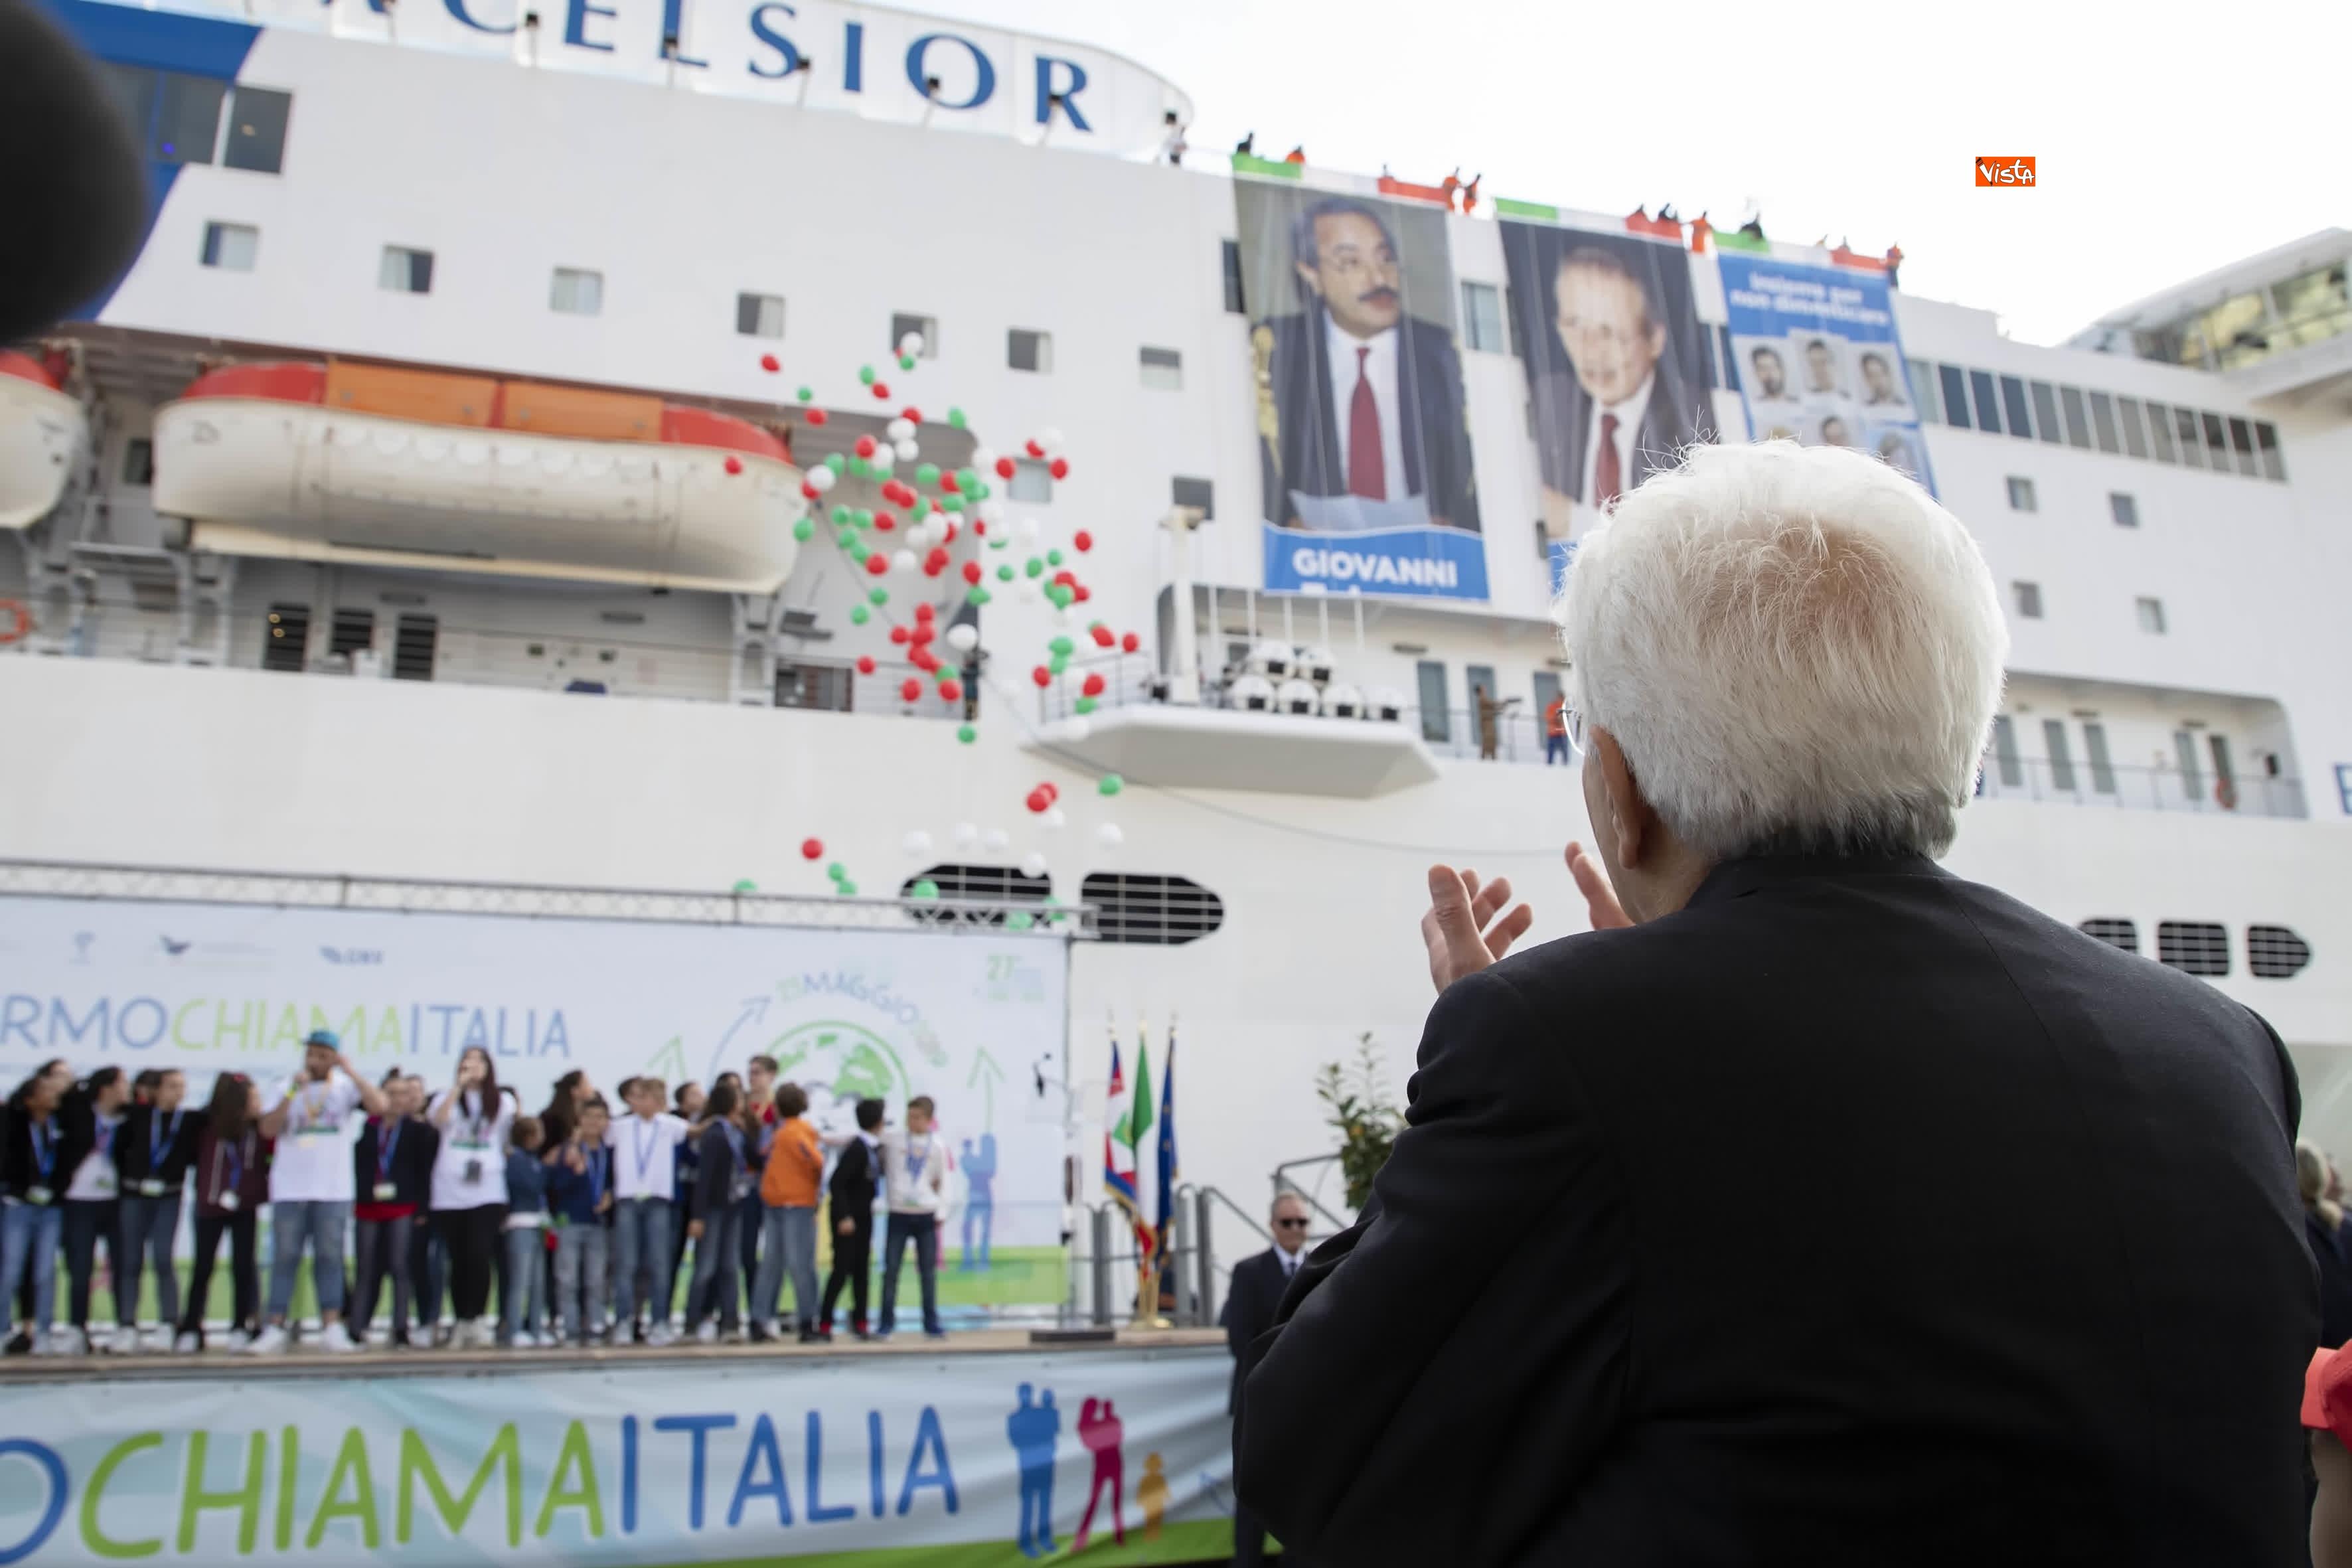 22-05-19 Il presidente Mattarella all'inaugurazione della nave della legalita_04